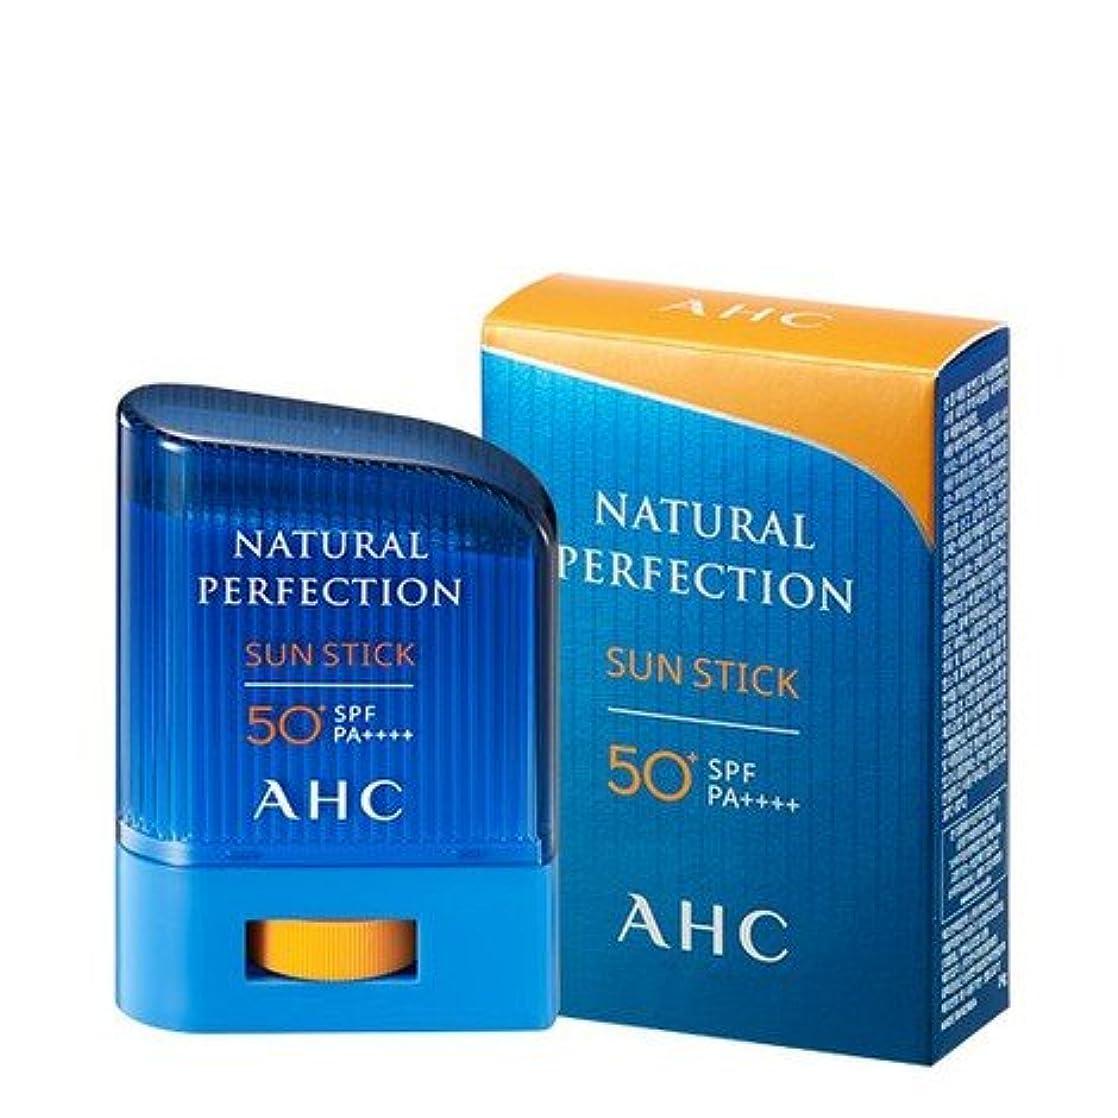 再現する不良品自発的[Renewal 最新] AHCナチュラルパーフェクション線スティック / AHC NATURAL PERFECTION SUN STICK [SPF 50+ / PA ++++] [並行輸入品] (22g)